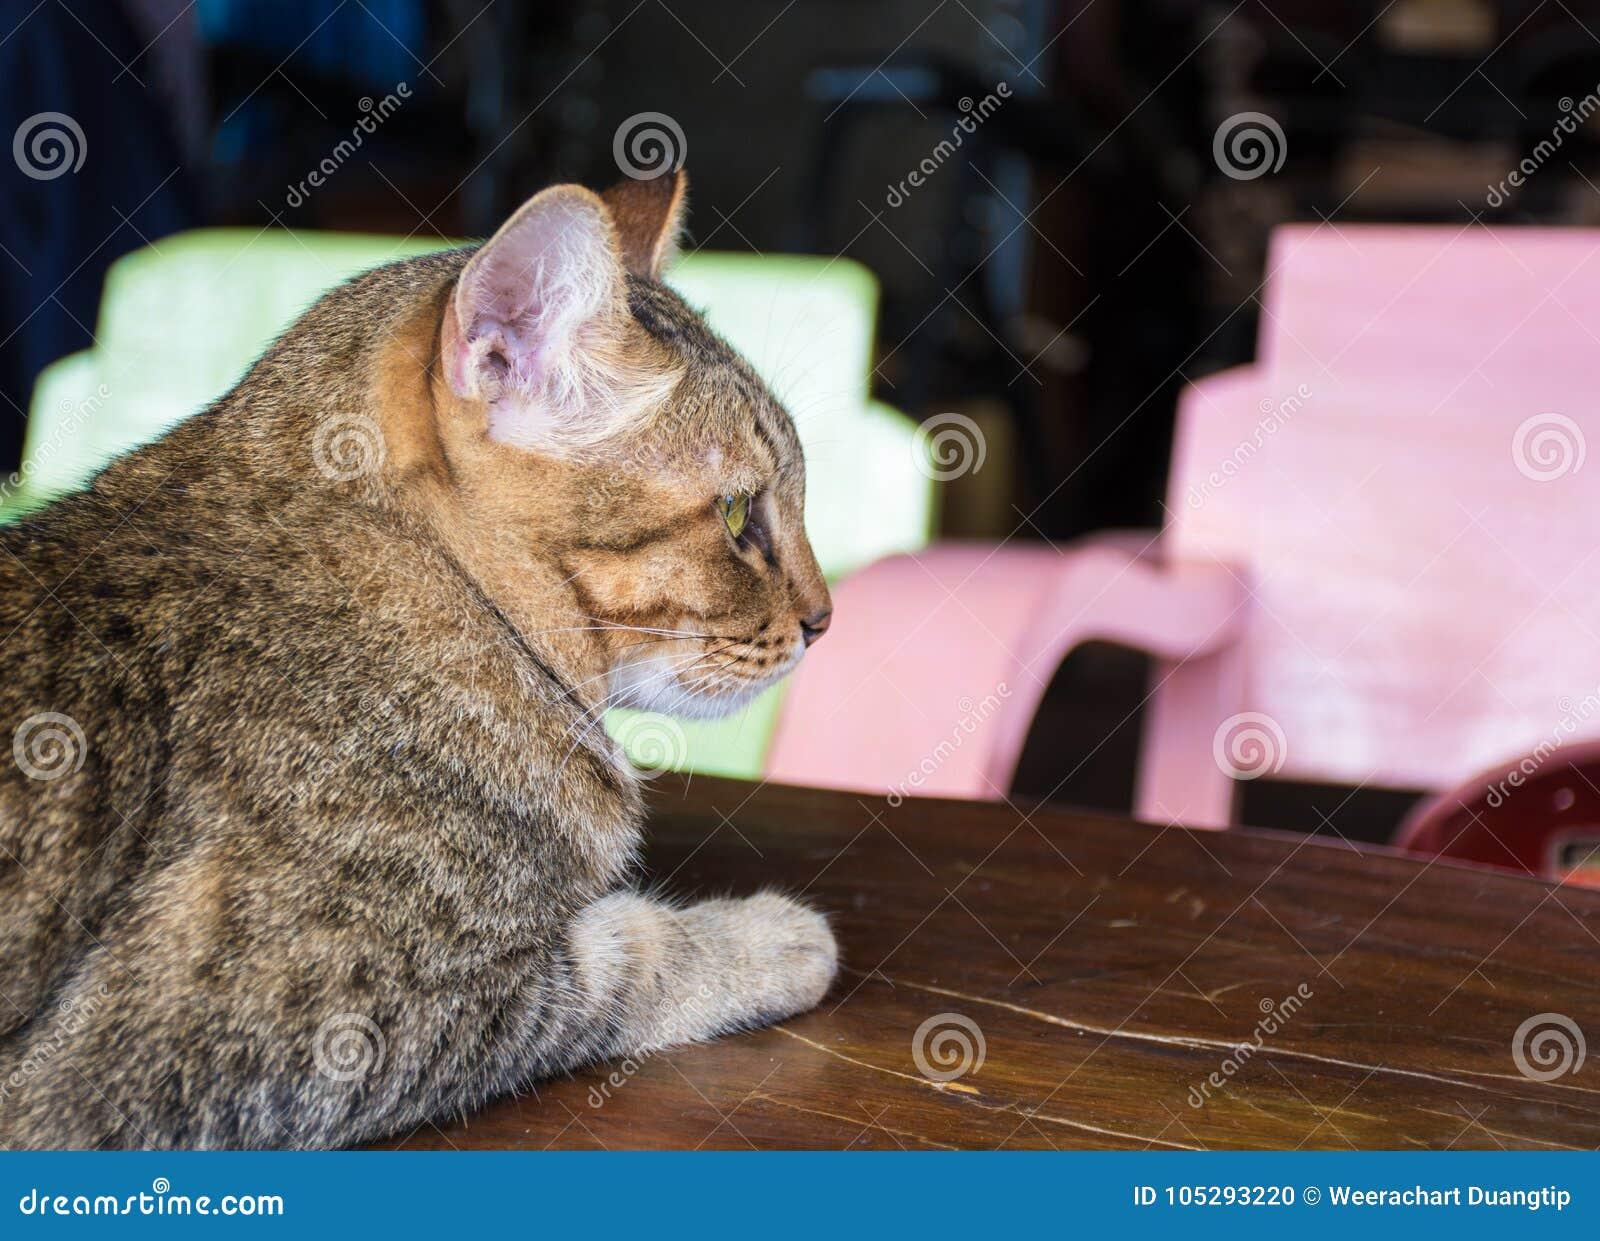 Gato felino en una casa